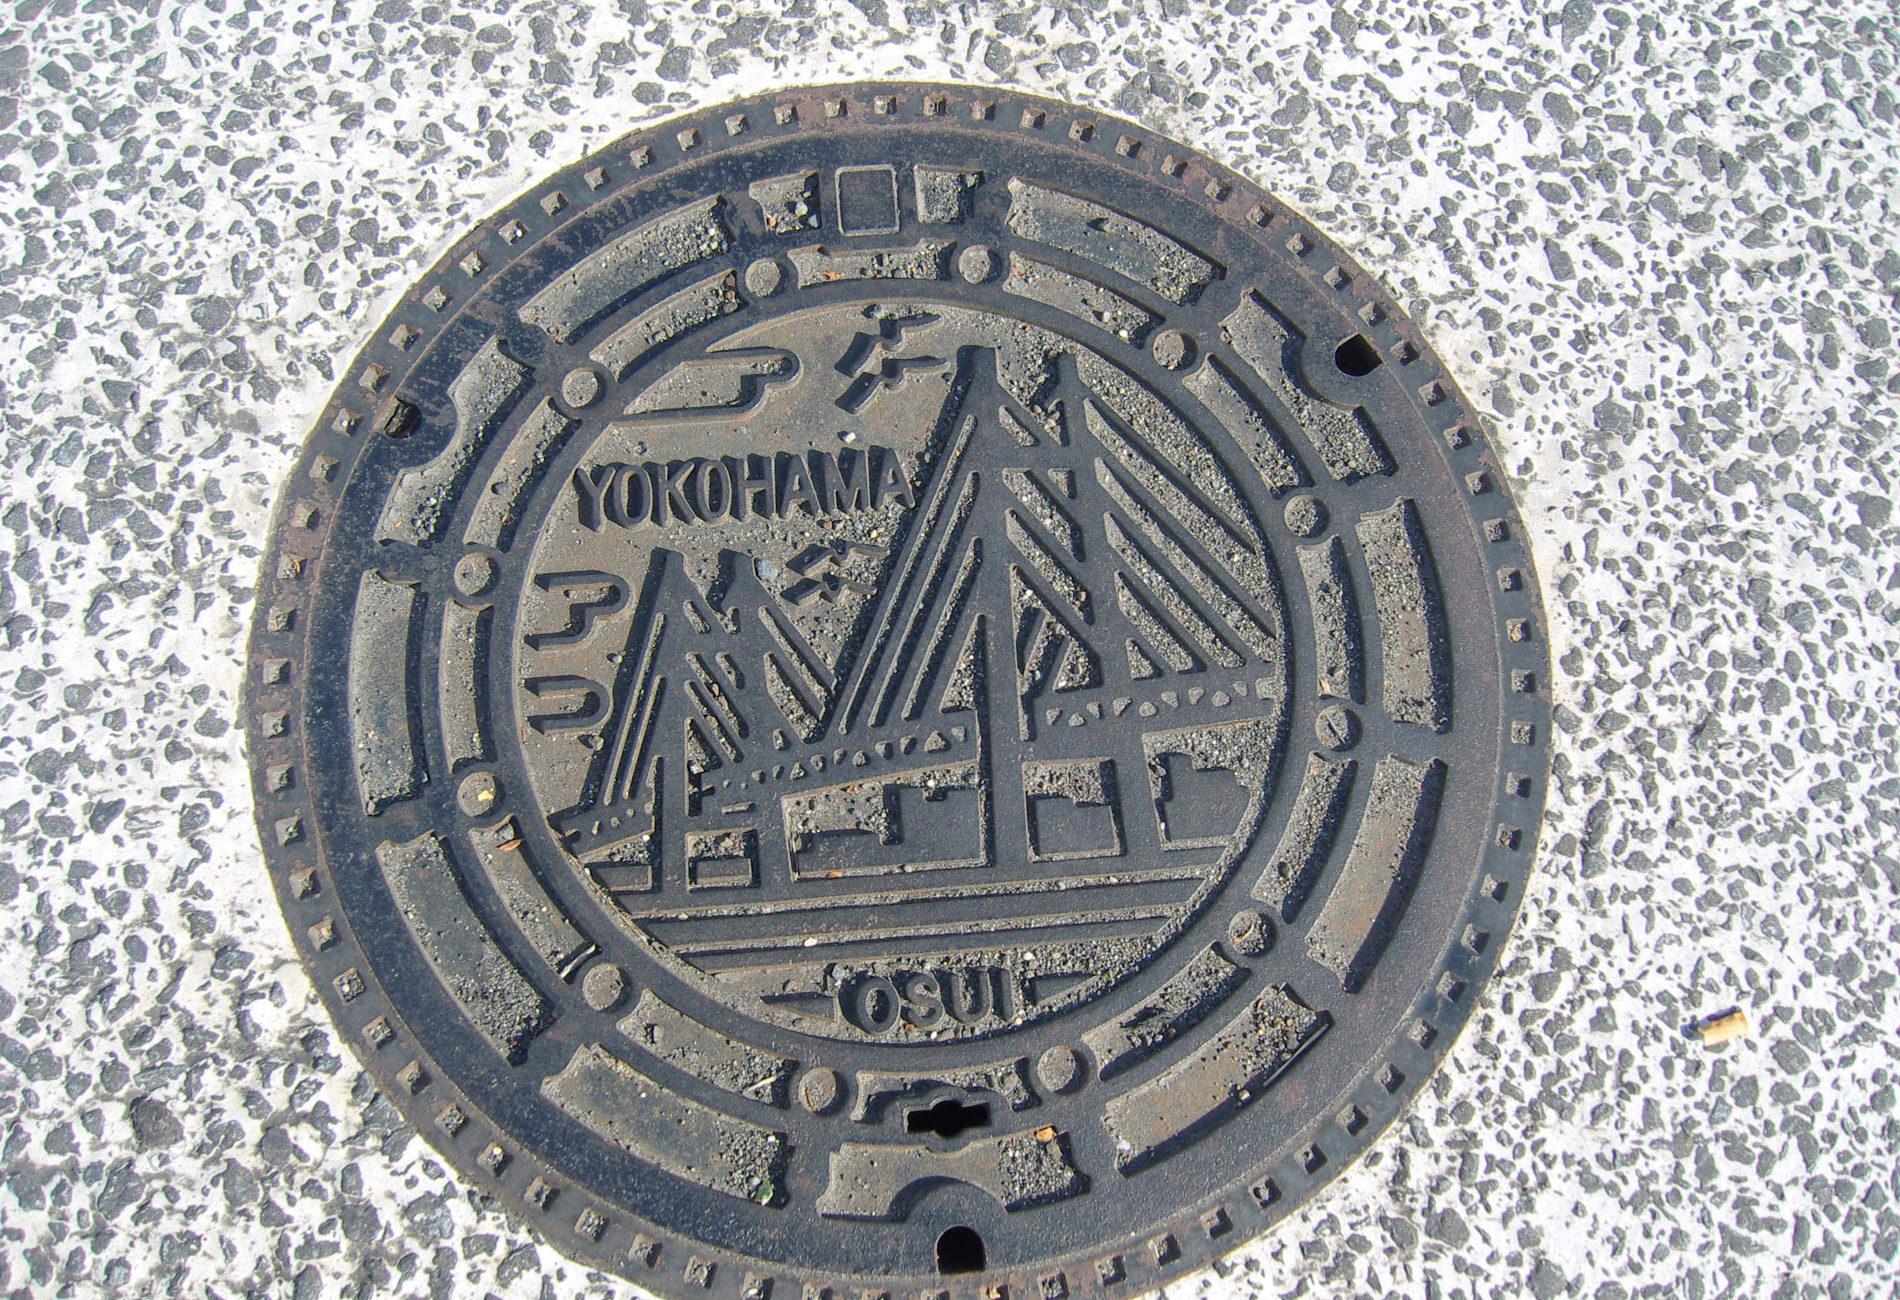 Durch die Bay Bridge erkennt man sofort, dass dieser Kanaldeckel in Yokohama fotografiert wurde.